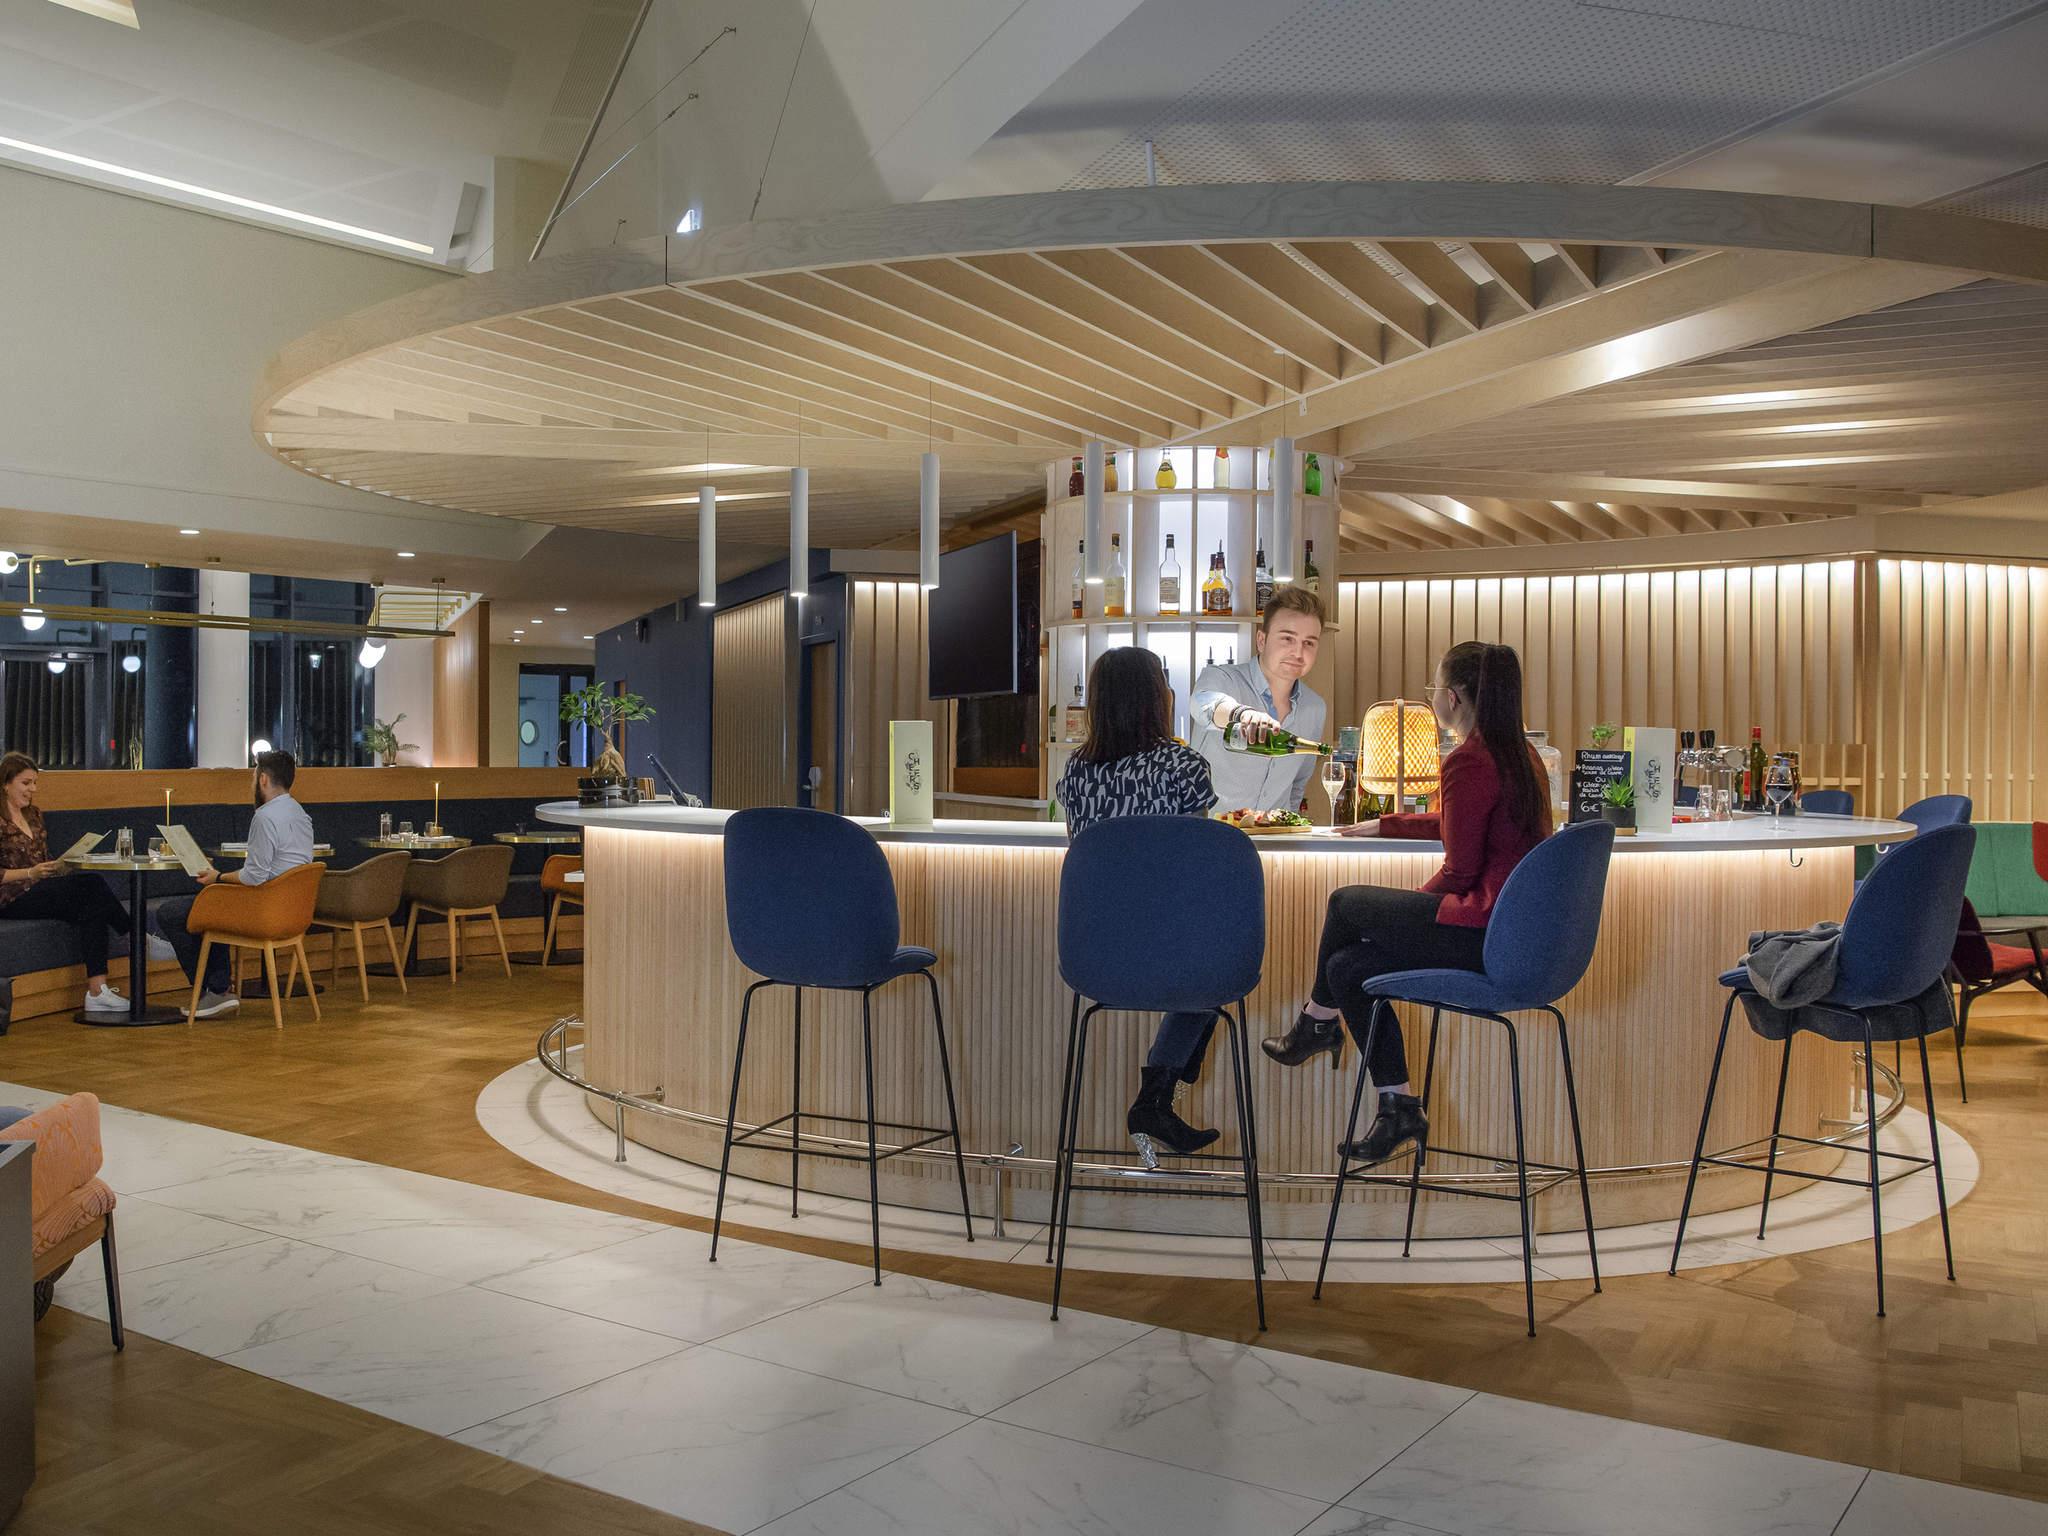 โรงแรม – Novotel Le Havre Centre Gare